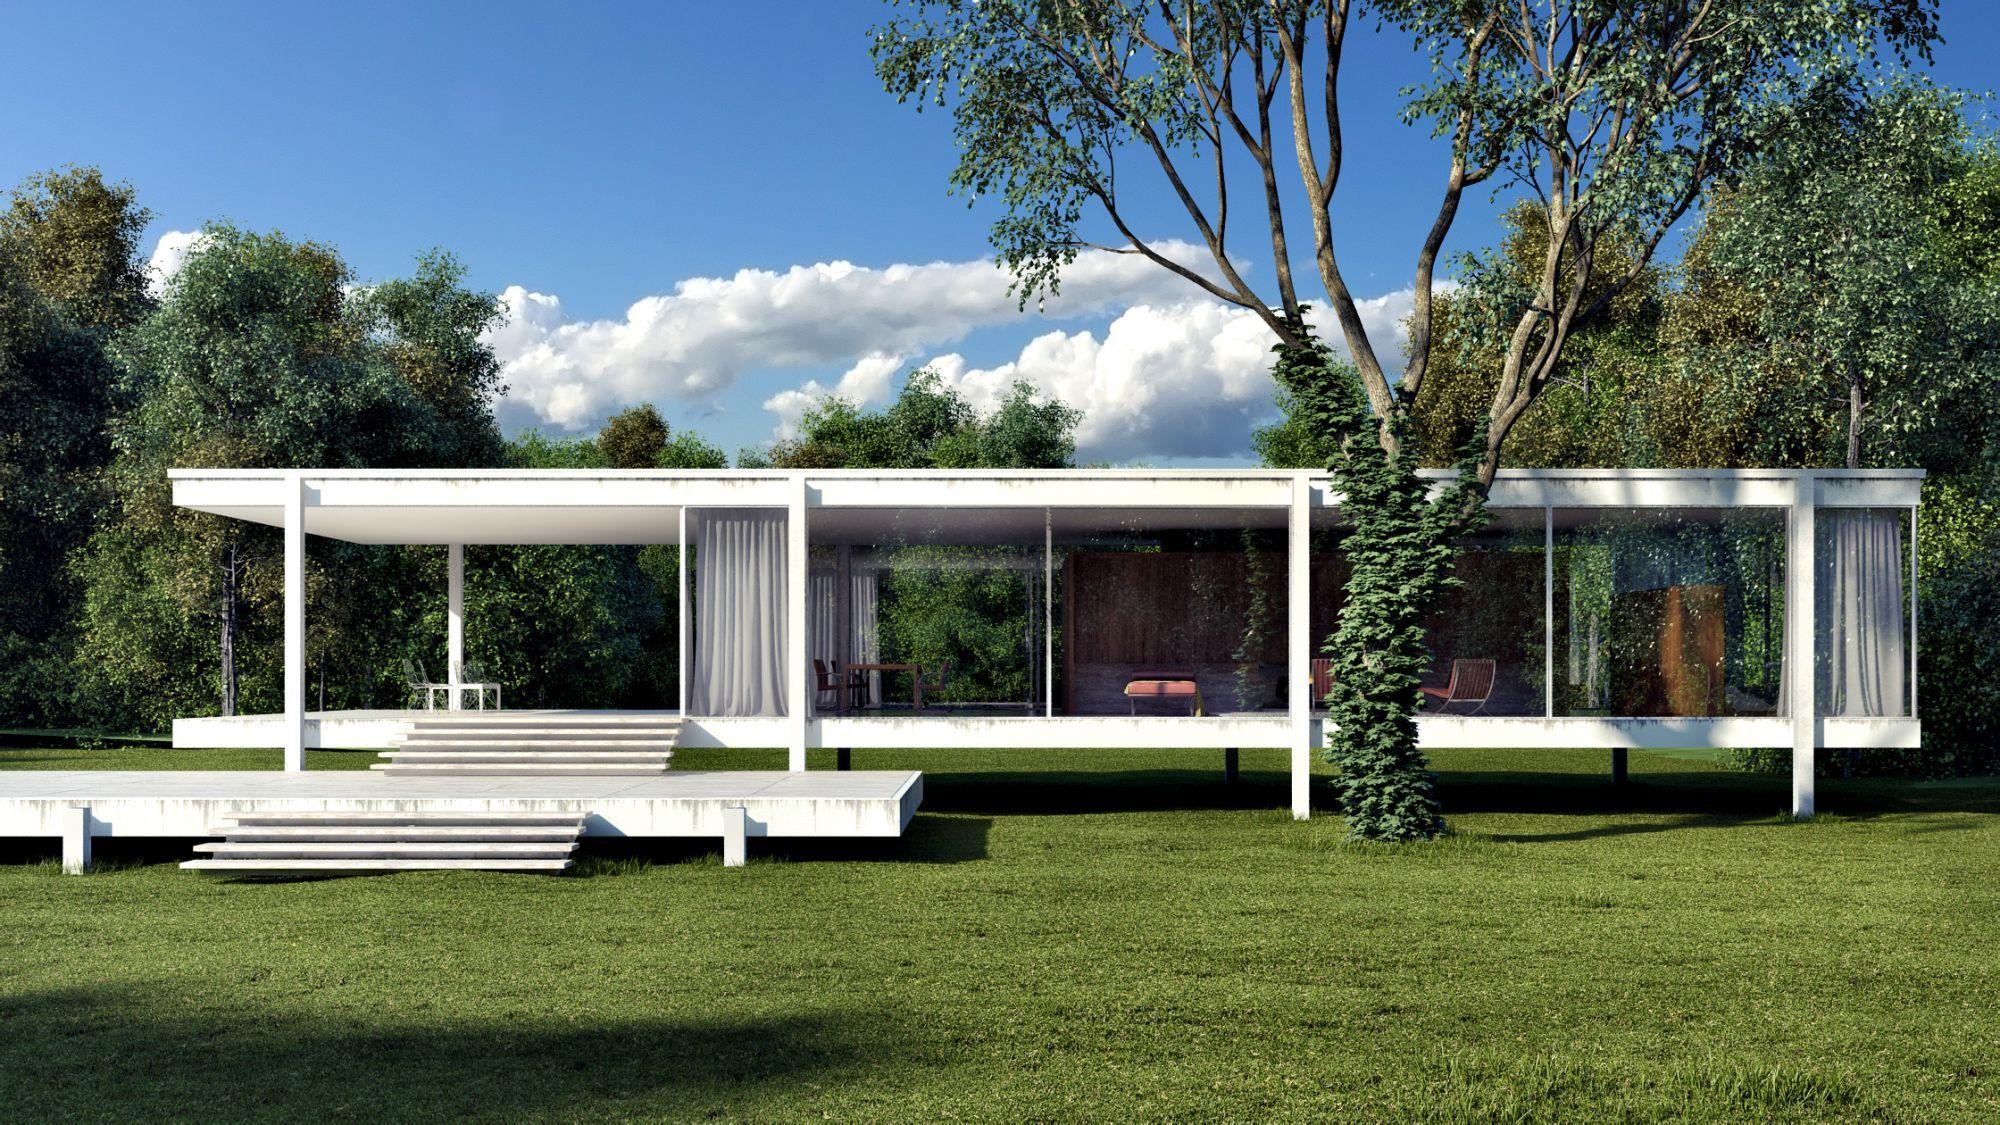 Architettura mies van der rohe cerca con google for Architettura moderna case